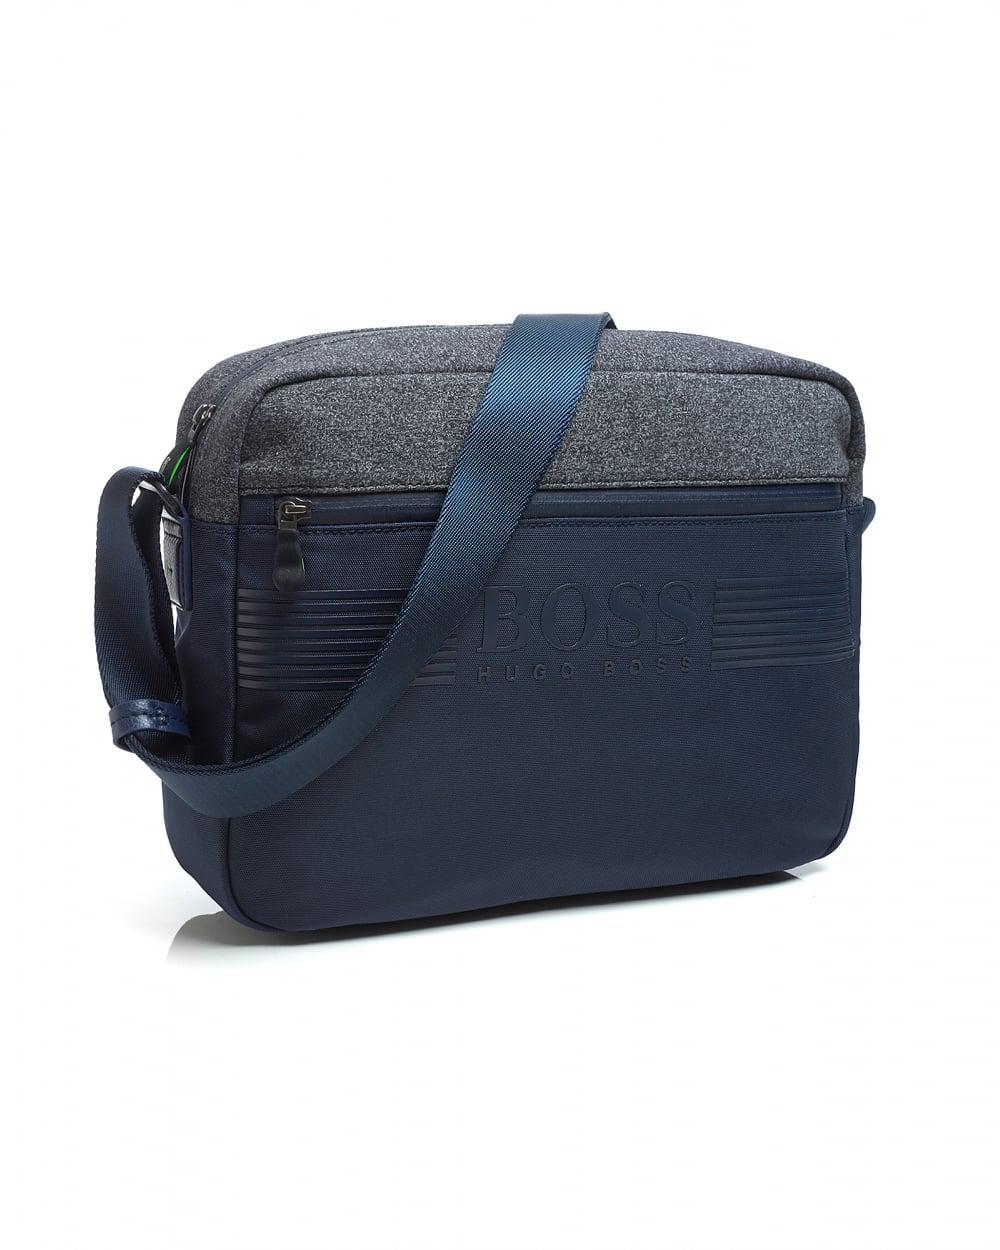 c09fb0f7db BOSS Pixel Nn Messenger Bag, Navy Blue Shoulder Bag in Blue for Men - Save  47% - Lyst